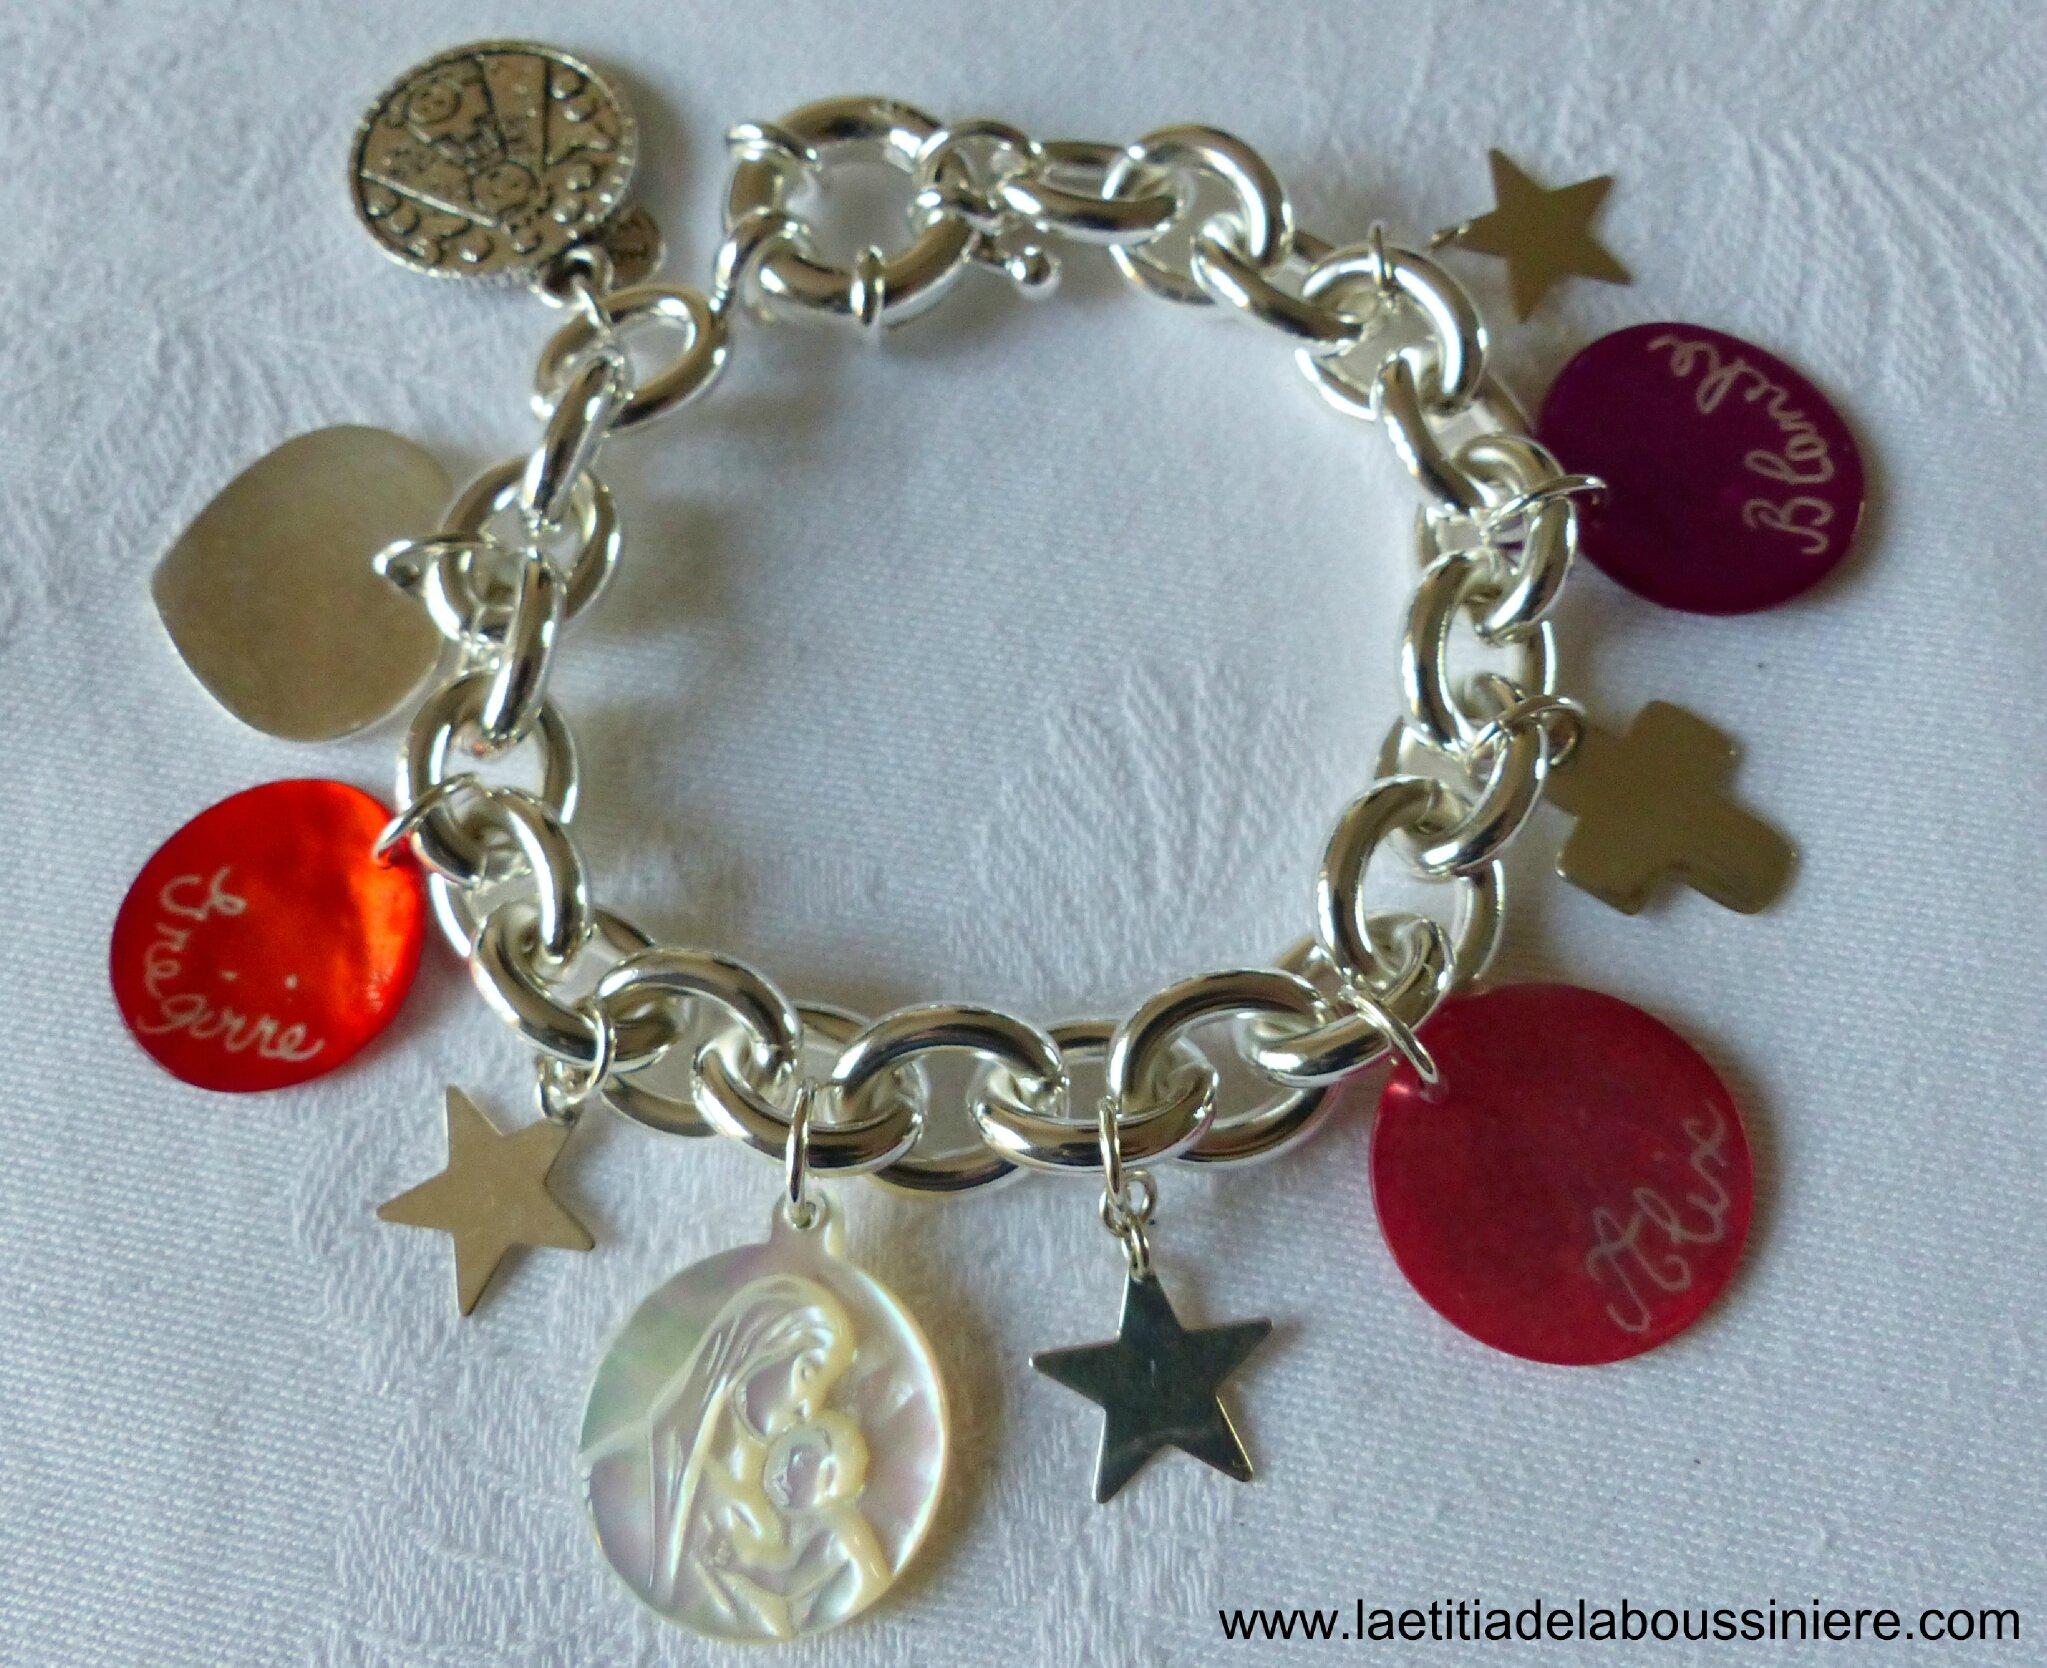 Bracelet sur chaîne plaqué argent ovale, médailles en nacre gravées, breloques en argent et médaille de la Vierge en nacre